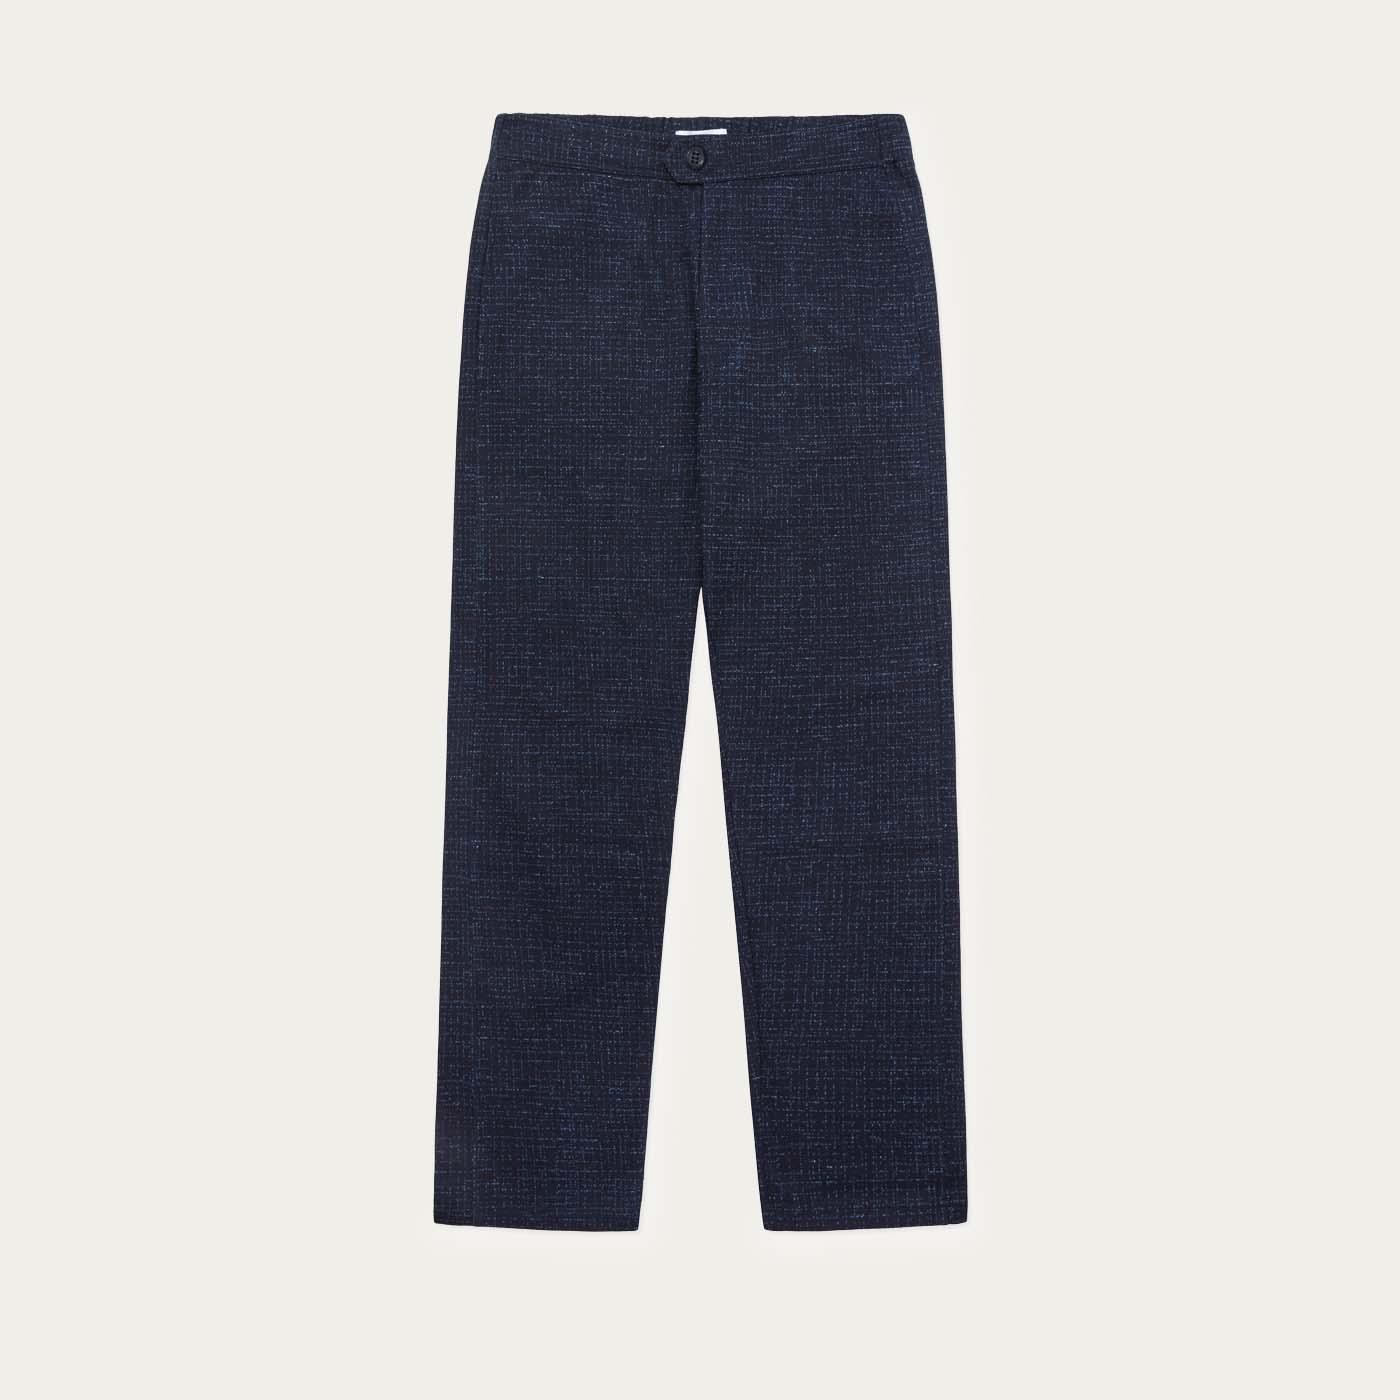 Navy Fleck Travel Trouser 0